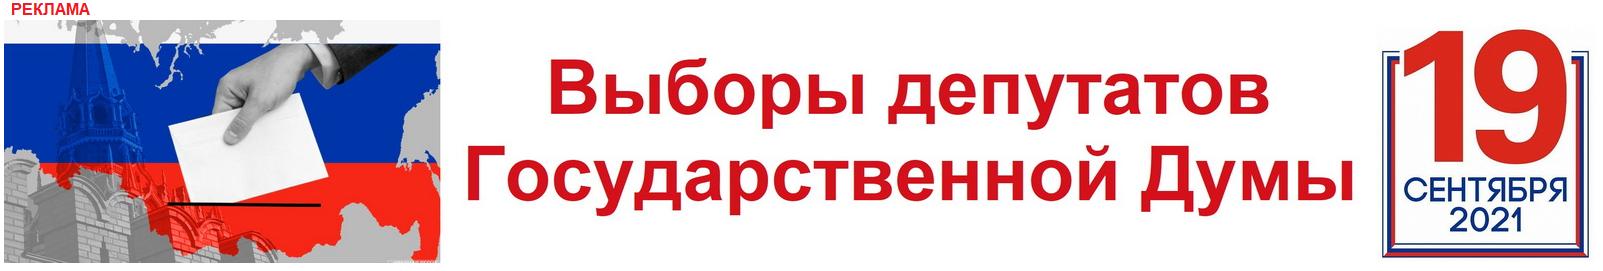 Выборы депутатов Государственной Думы